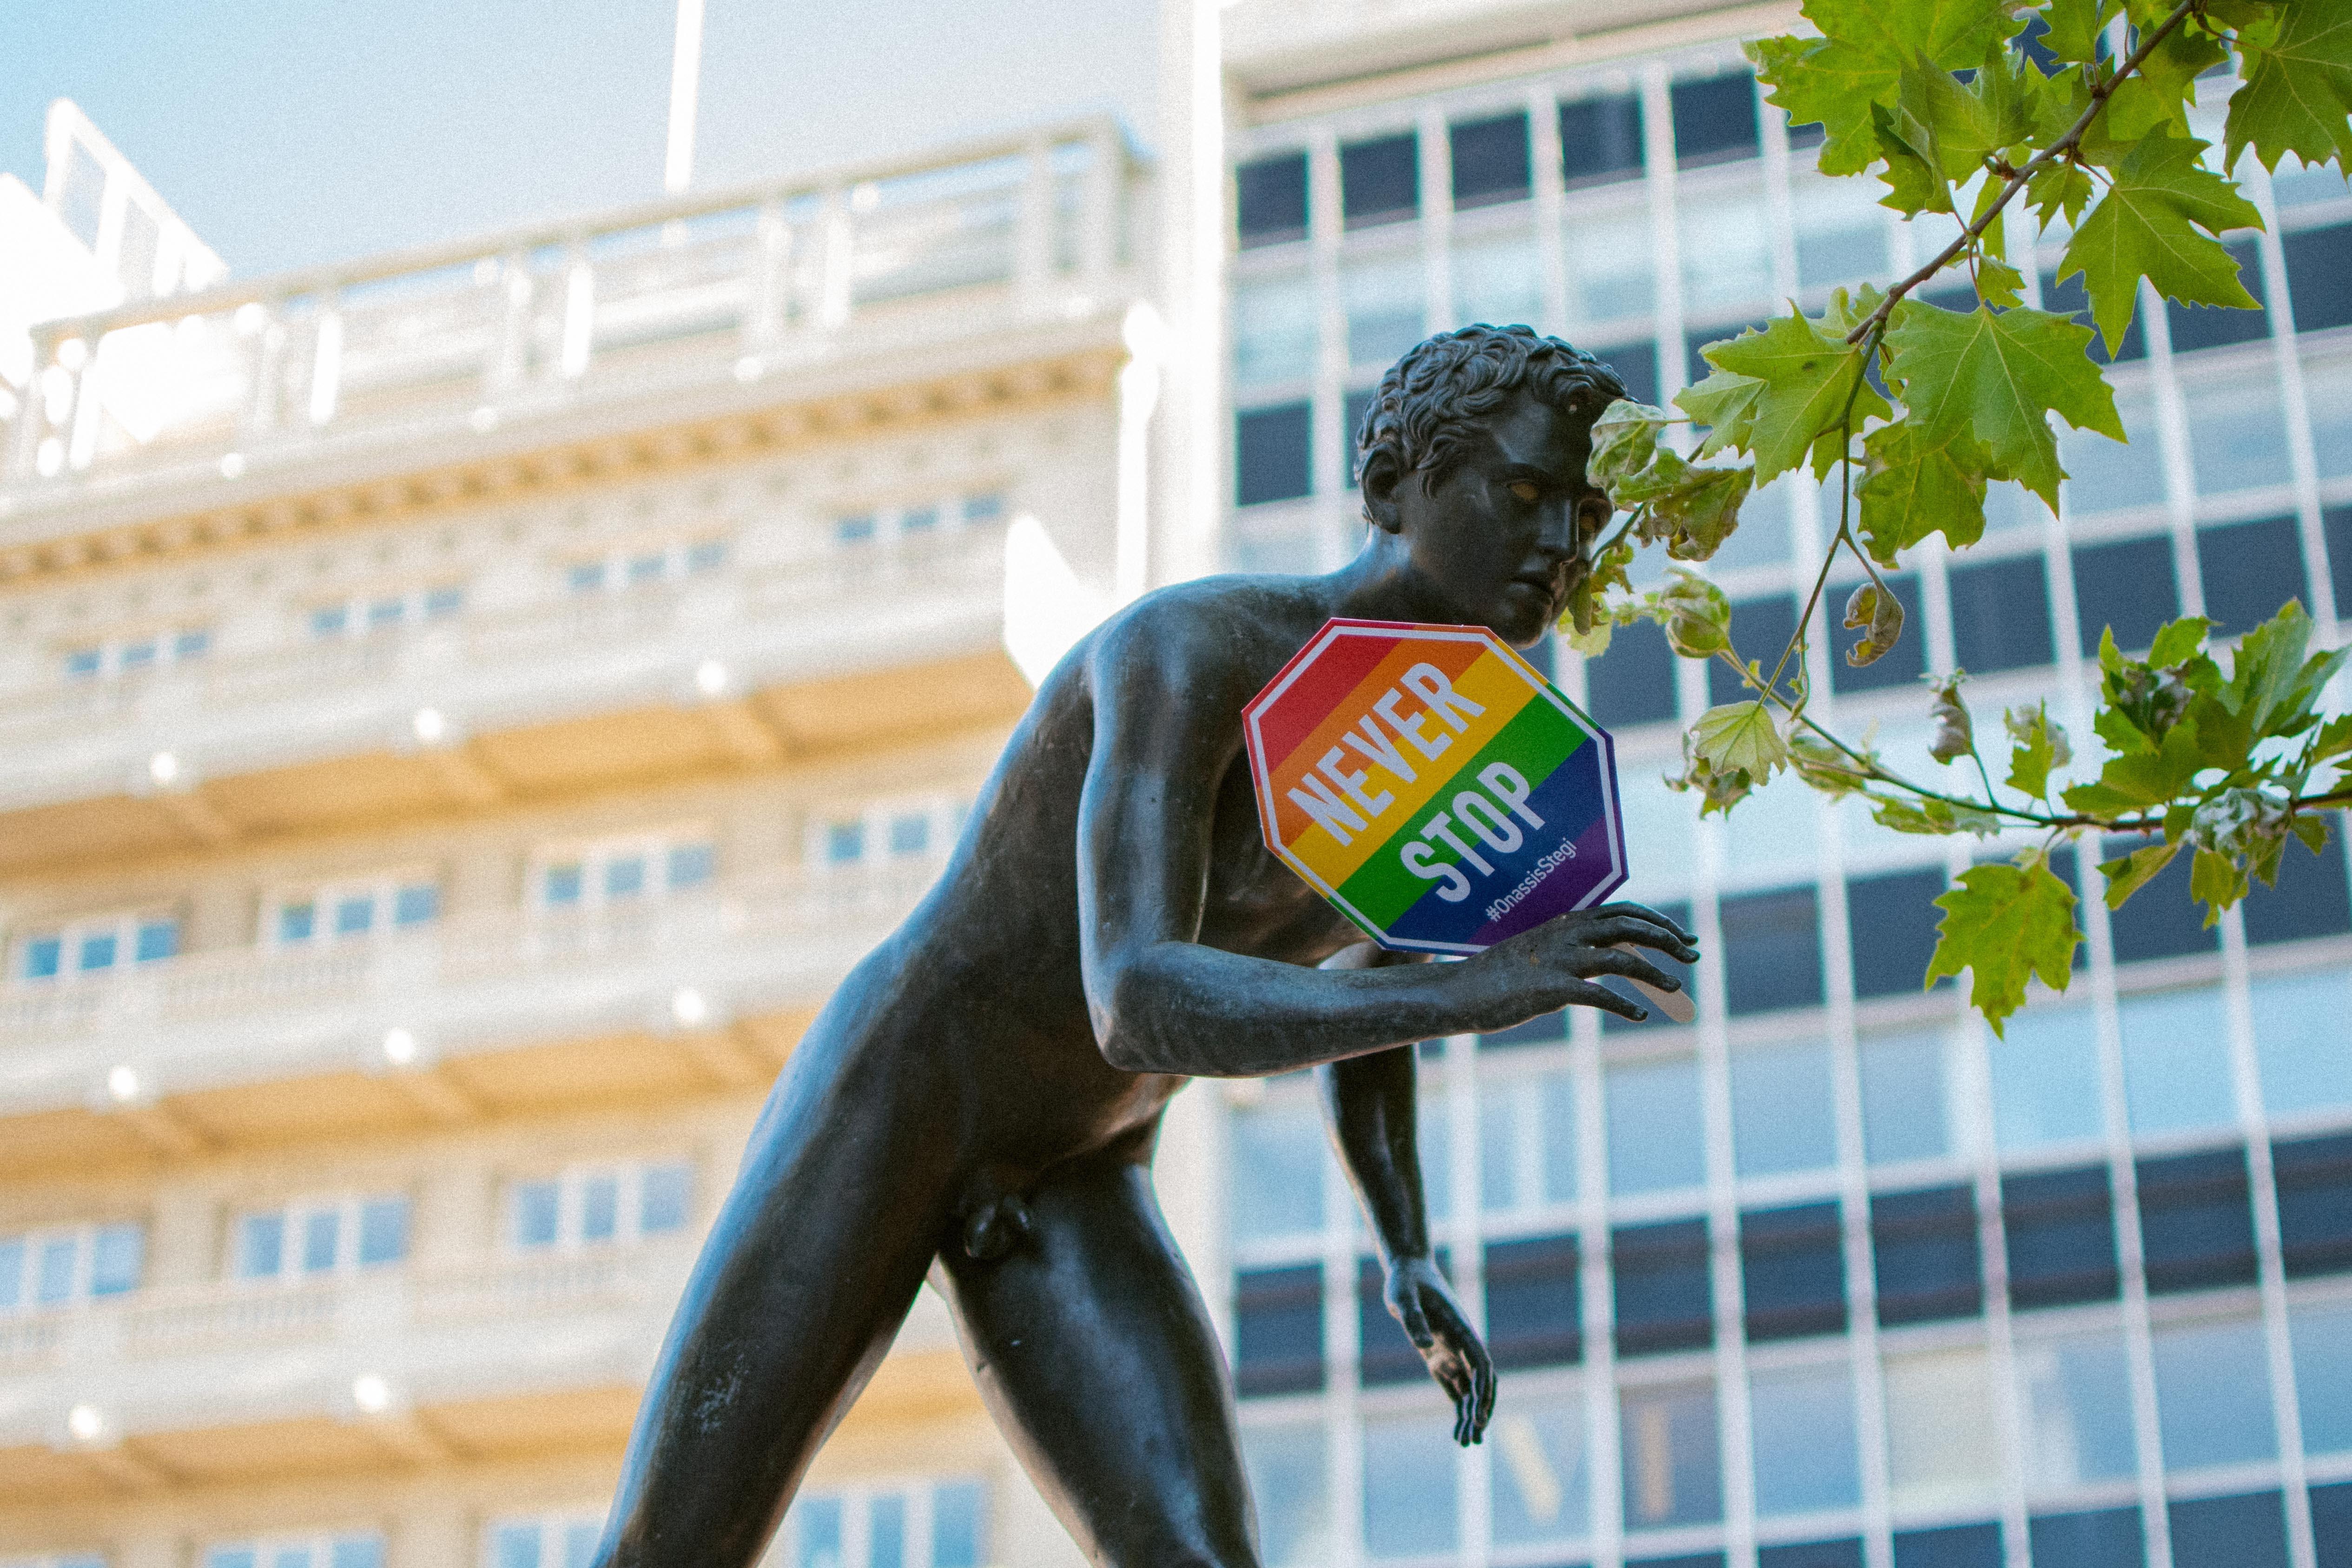 """standbeeld met een stopsign waarop in de pridekleuren staat """"never stop"""", lhbtiq,mensenrechten nederland"""